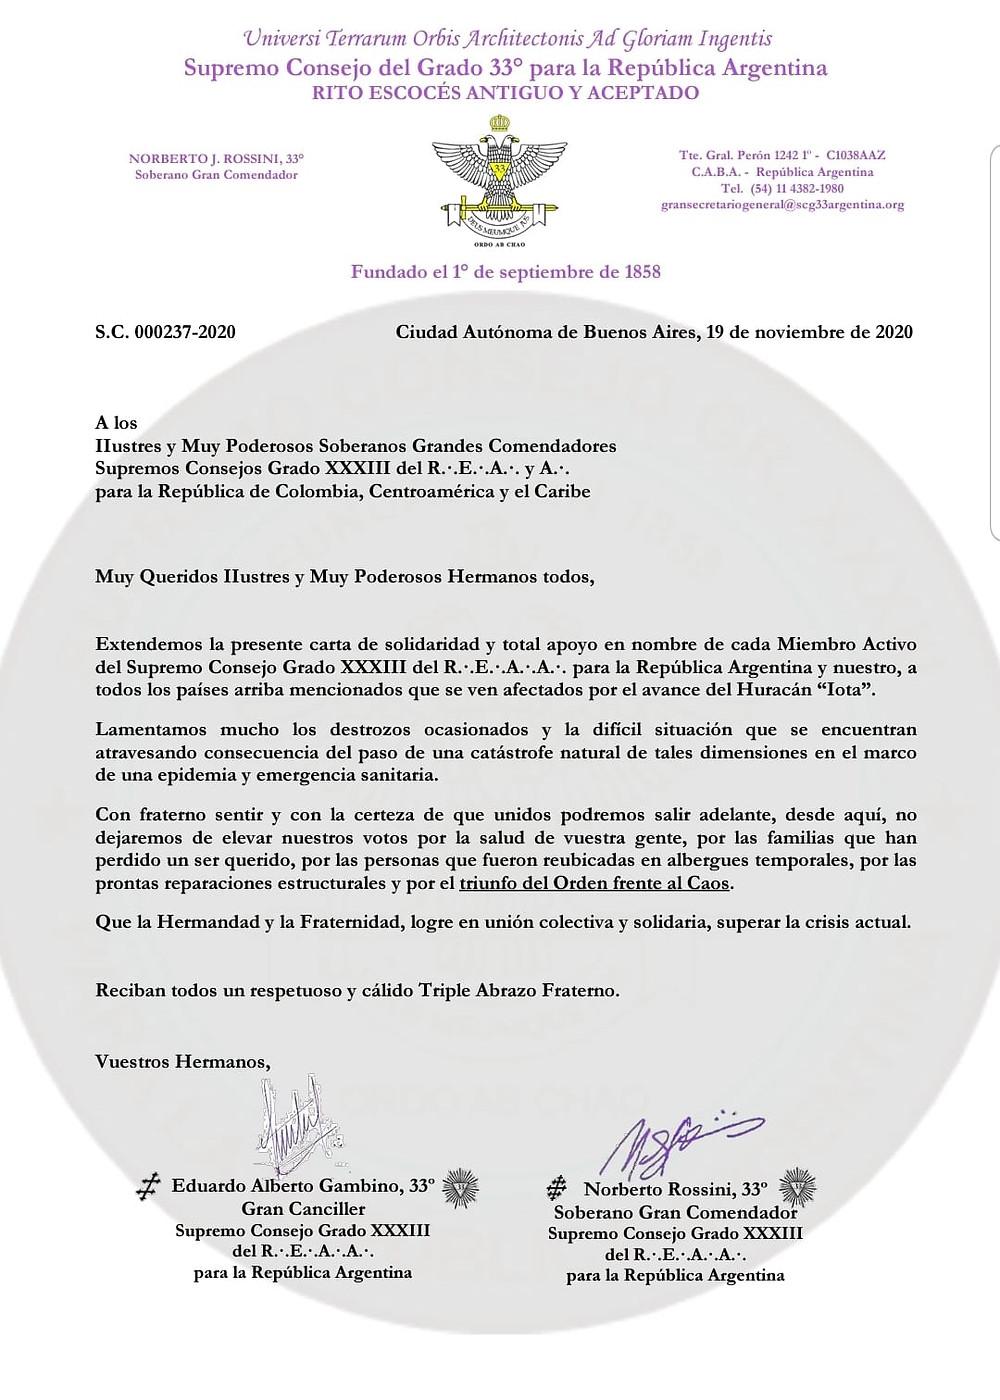 Supremo Consejo GRADO 33 del REAA para la República Argentina | Colombia, Centroamérica e Caribe